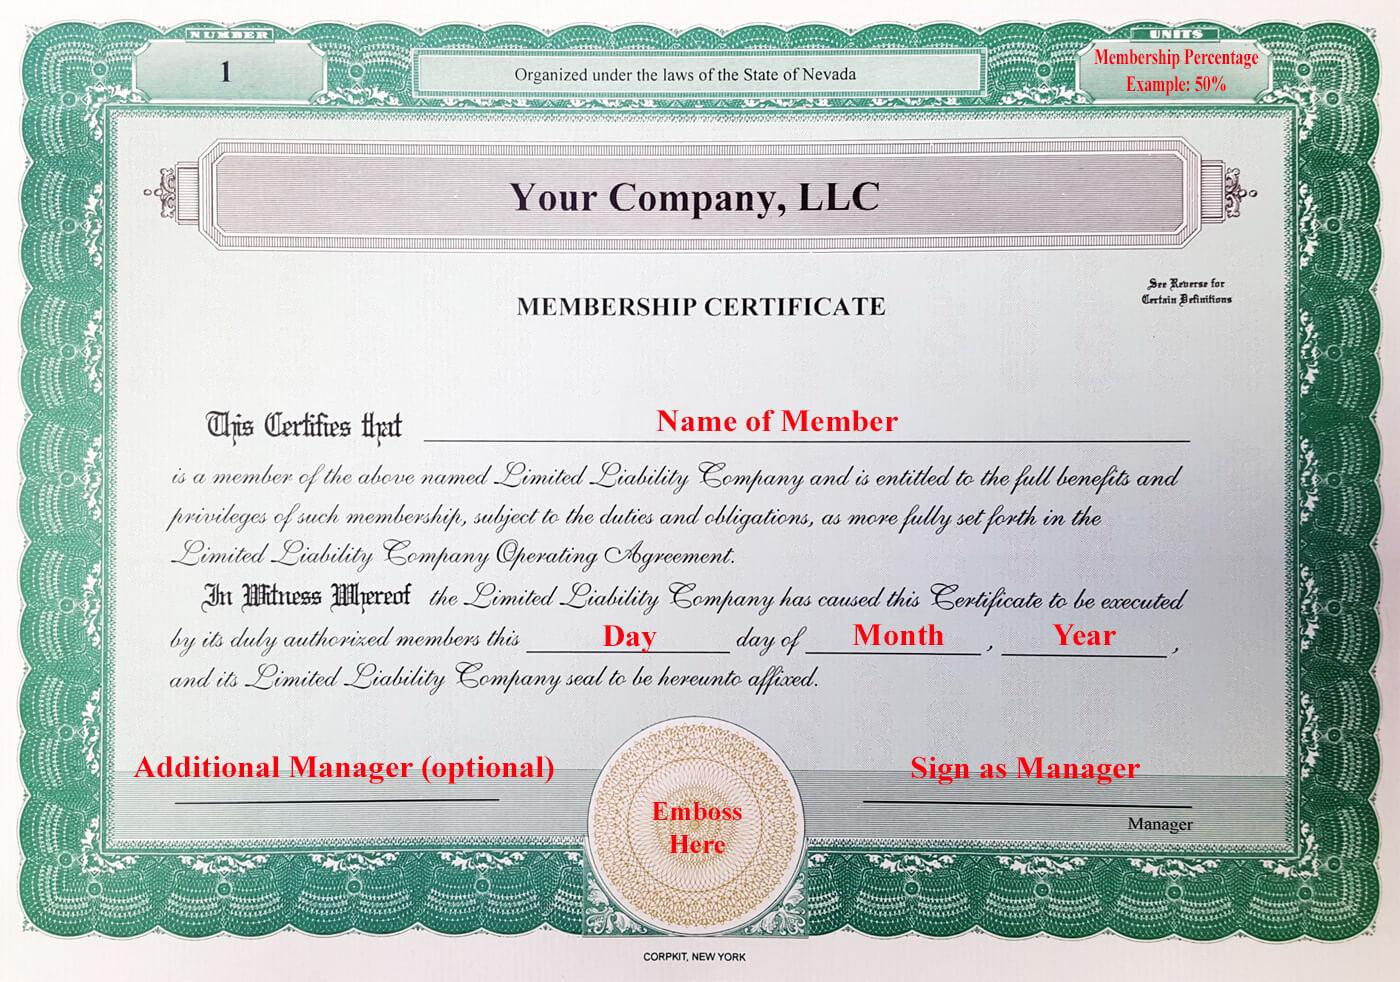 005 Llc Membership Certificate Template Member Staggering Within New Member Certificate Template